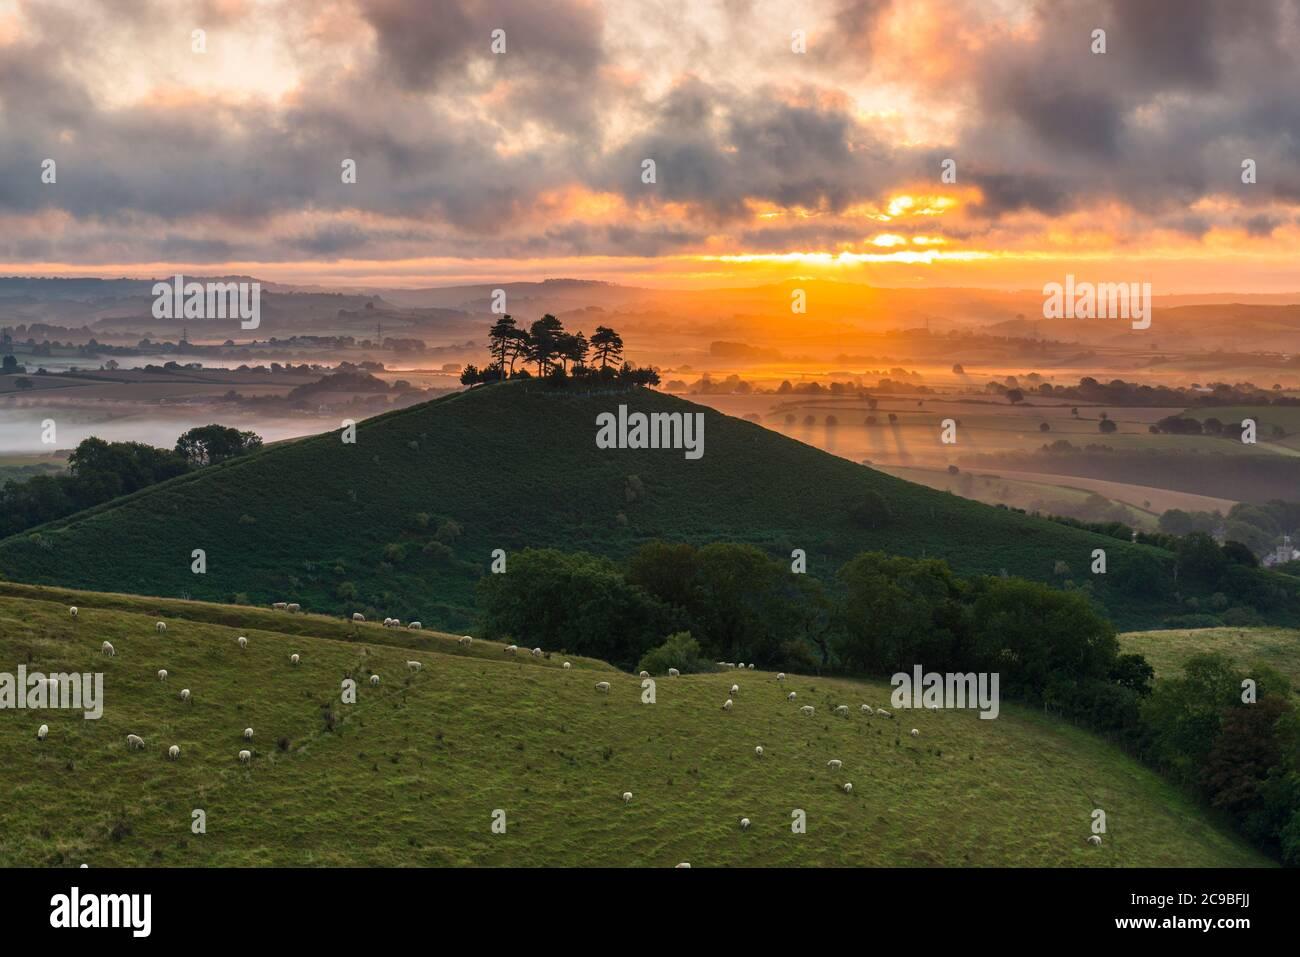 Bridport, Dorset, Reino Unido. 30 de julio de 2020. El tiempo en el Reino Unido. Un espectacular amanecer en Colmers Hill, cerca de Bridport en Dorset, mientras el sol naciente envía rayos de luz solar brillando a través de las nubes bajas antes de un día de verano caluroso. Crédito de la imagen: Graham Hunt/Alamy Live News Foto de stock